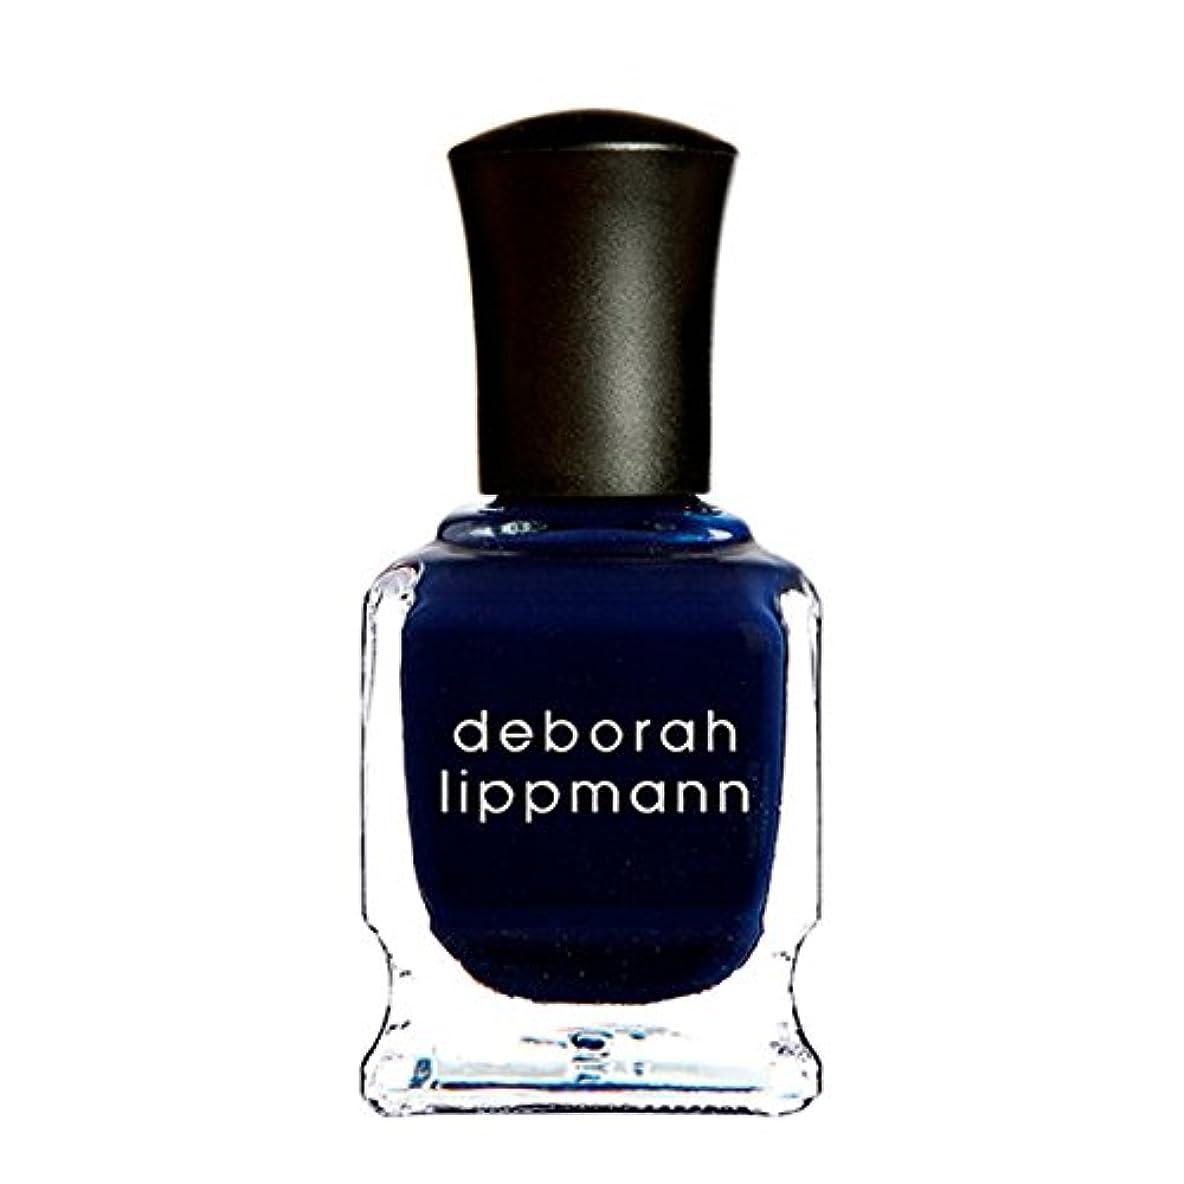 コインランドリーケープ欠乏[Deborah Lippmann] [ デボラリップマン] ローリングインザディープ (Rolling in the Deep) 色:ミッドナイトブルー ネイルカラー系統:ブルー 15mL